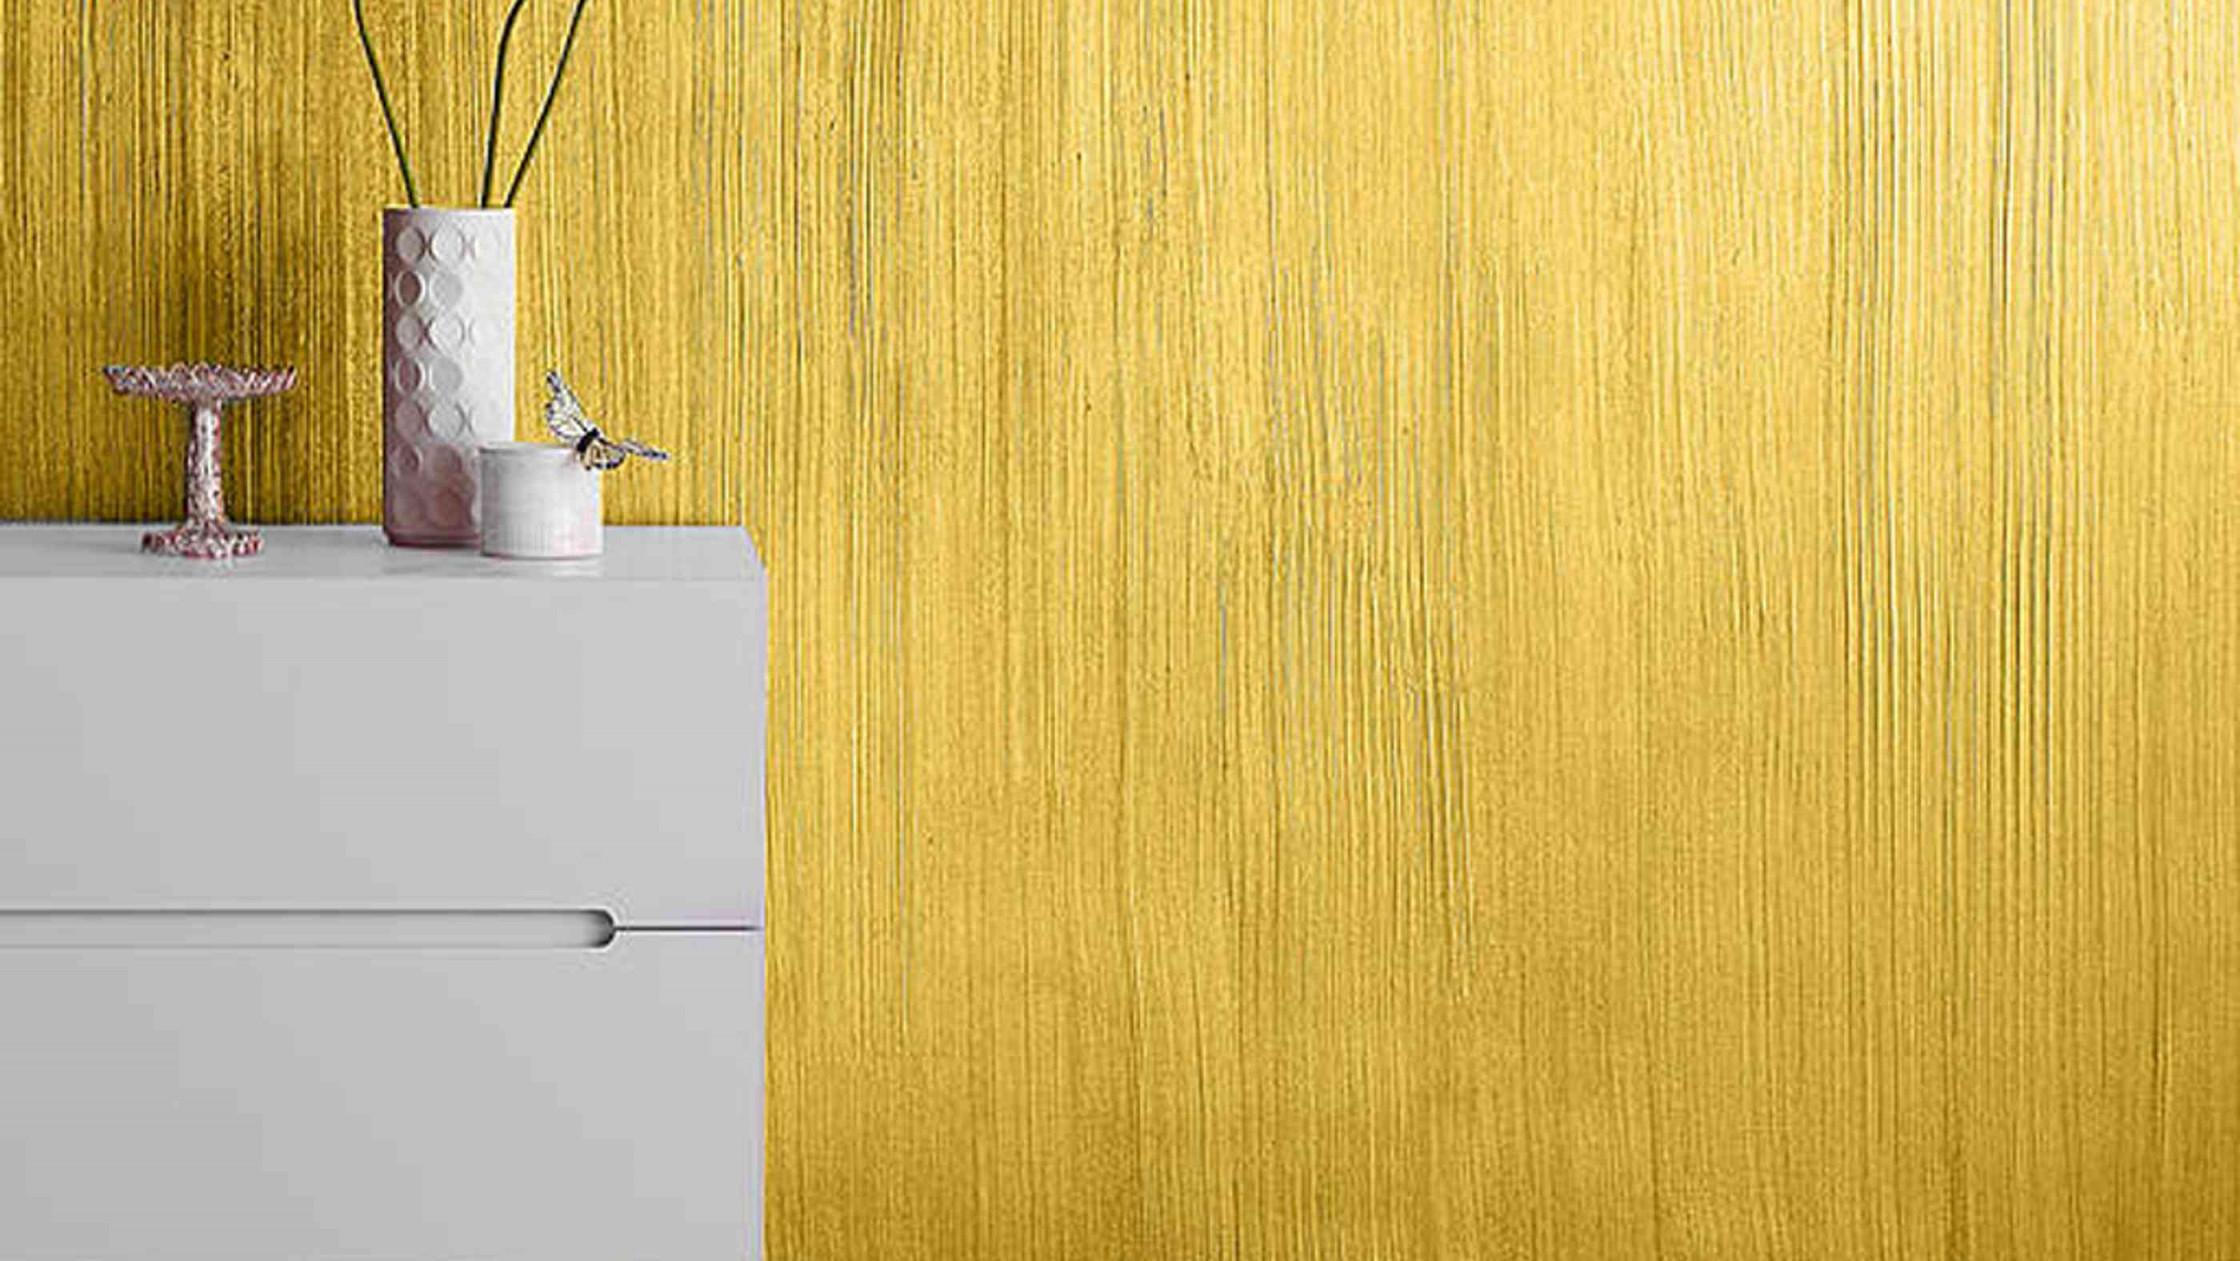 Wandgestaltung Im Wohnzimmer Tipps Zu Farben Tapeten von Tapeten Farben Wohnzimmer Bild